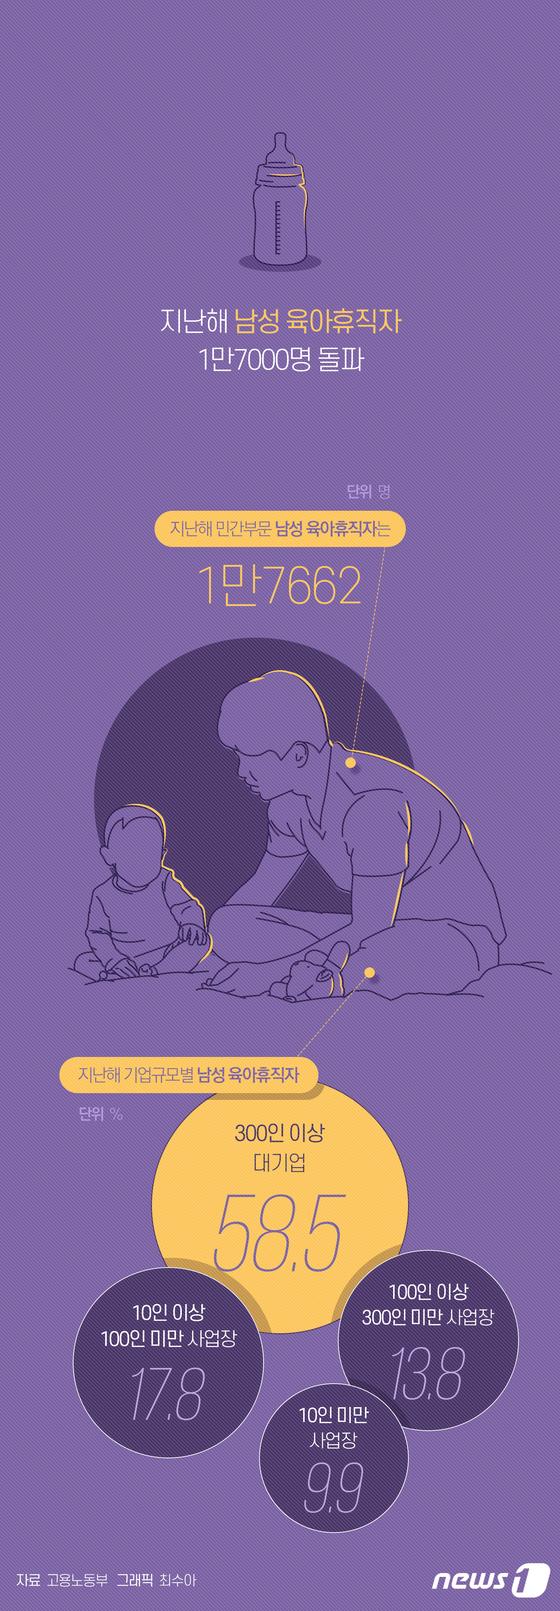 [그래픽뉴스] 지난해 남성 육아휴직자 1만7천명 돌파